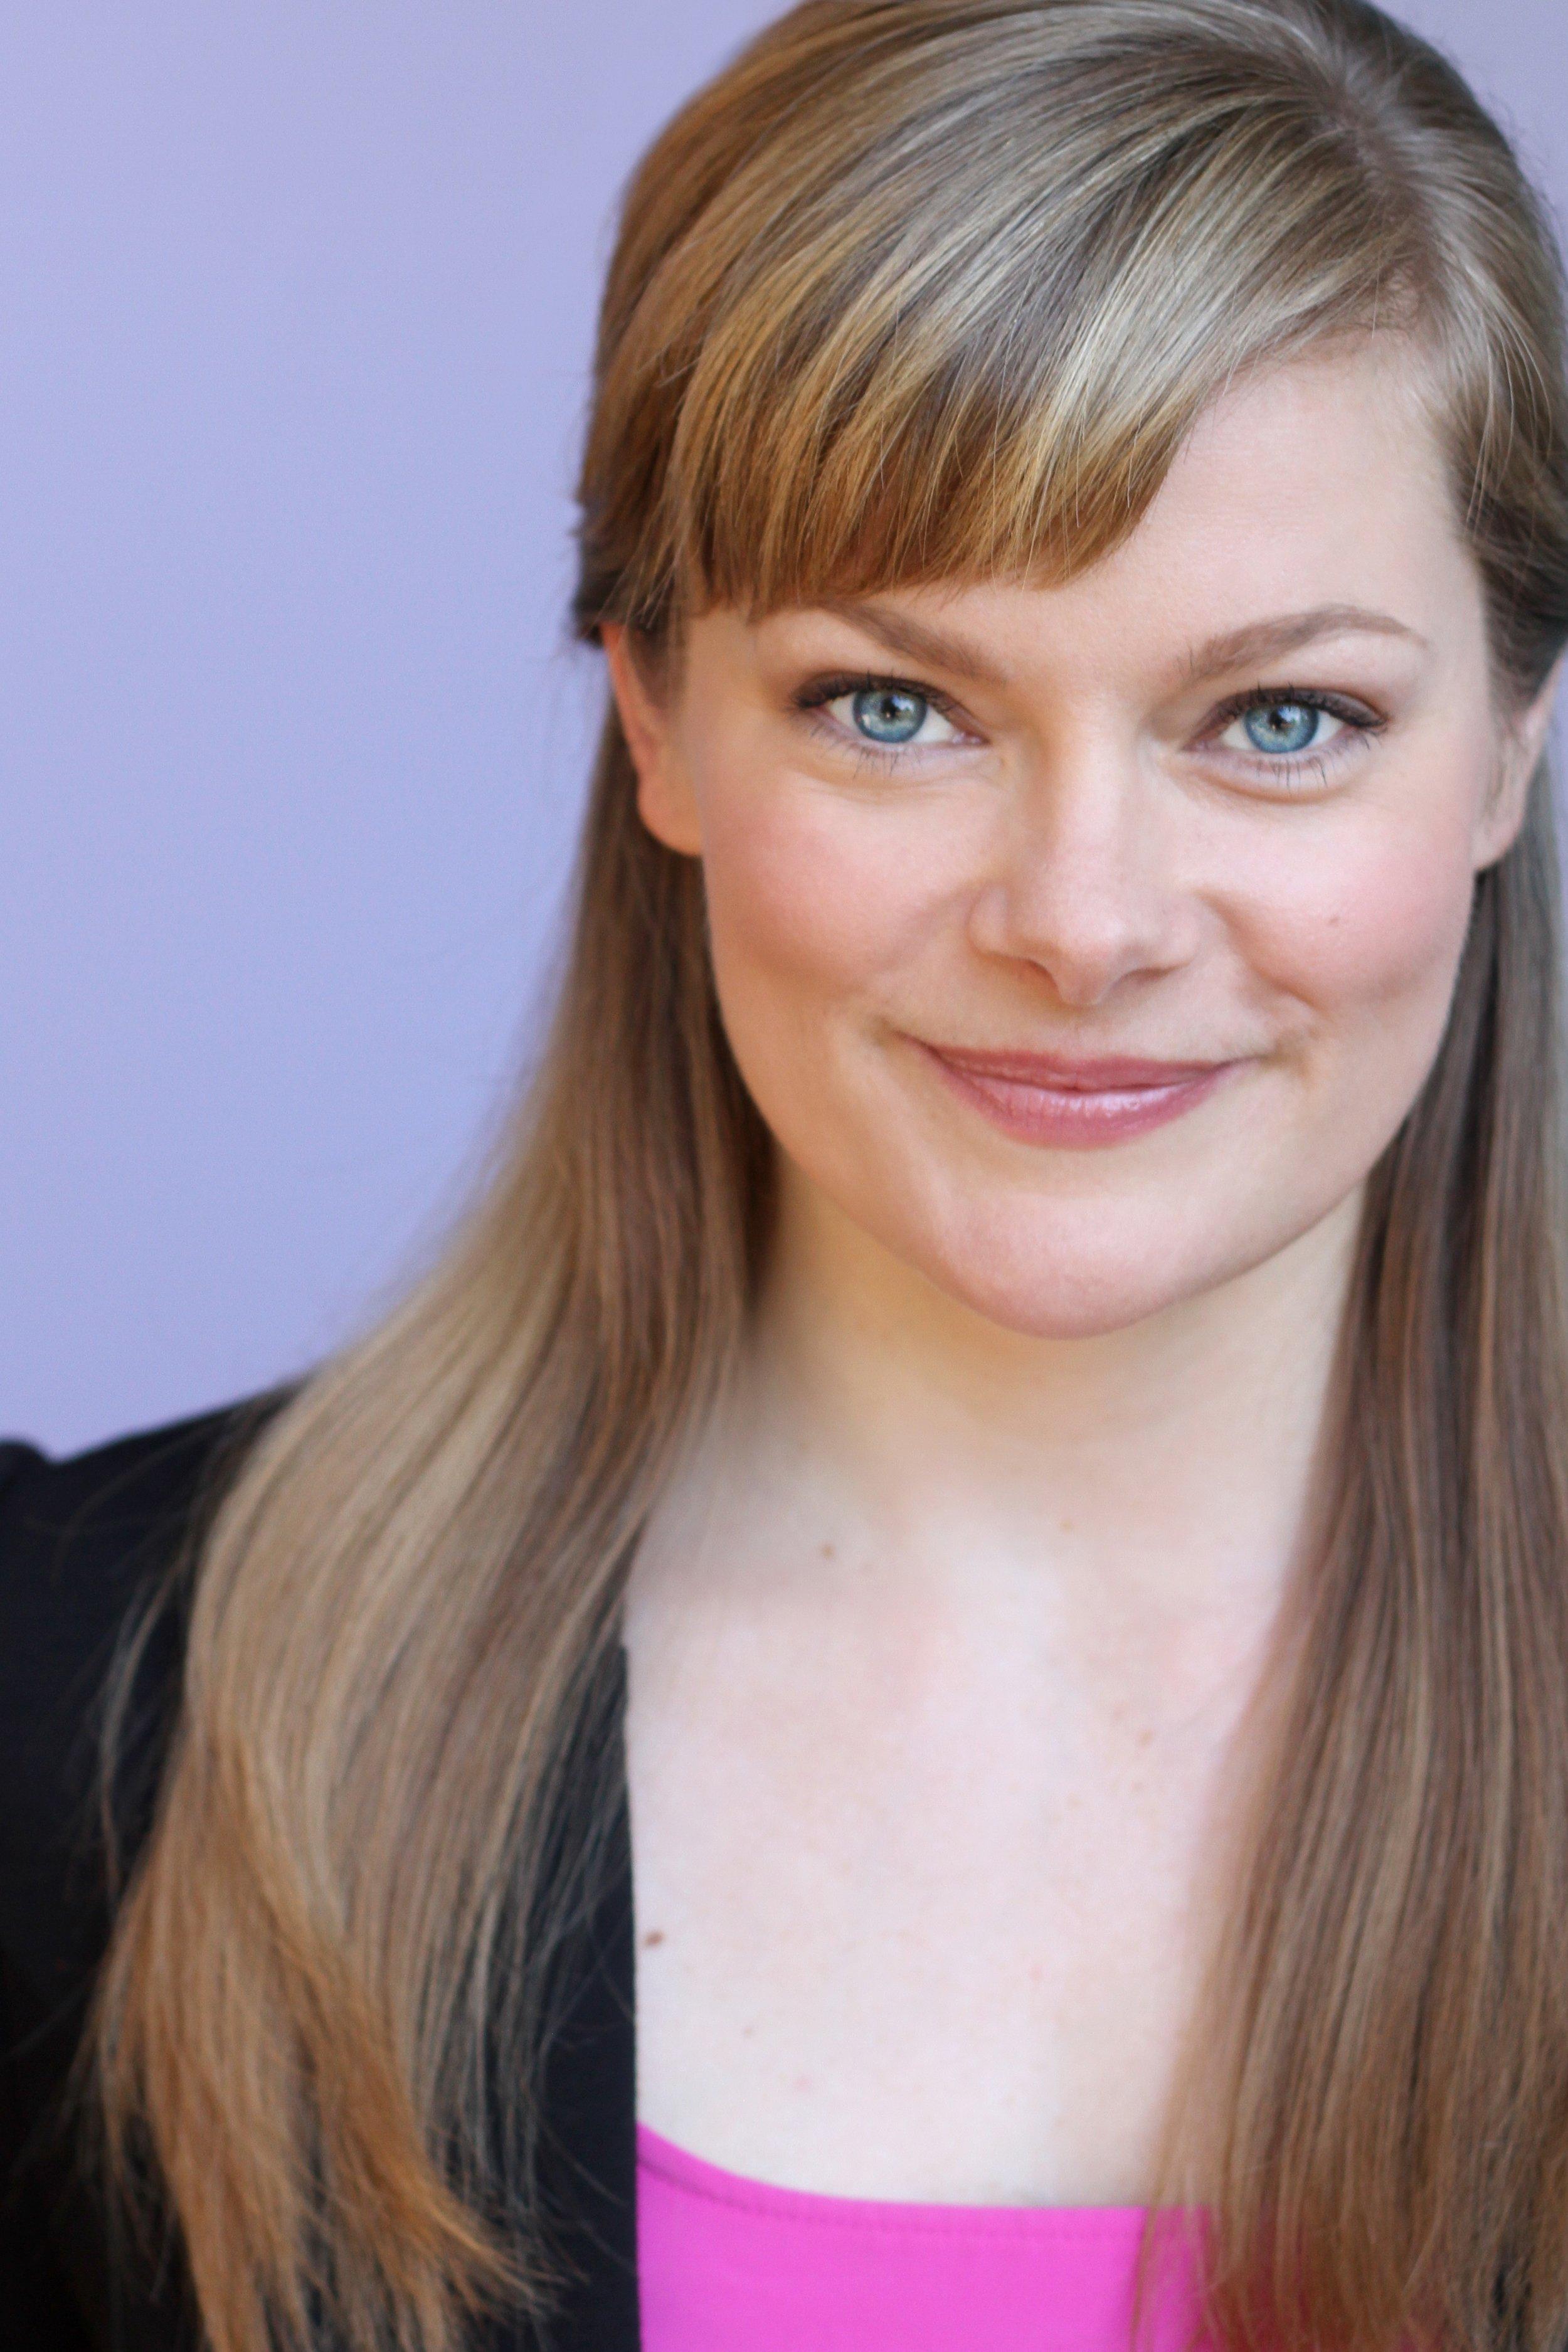 Erica Elam